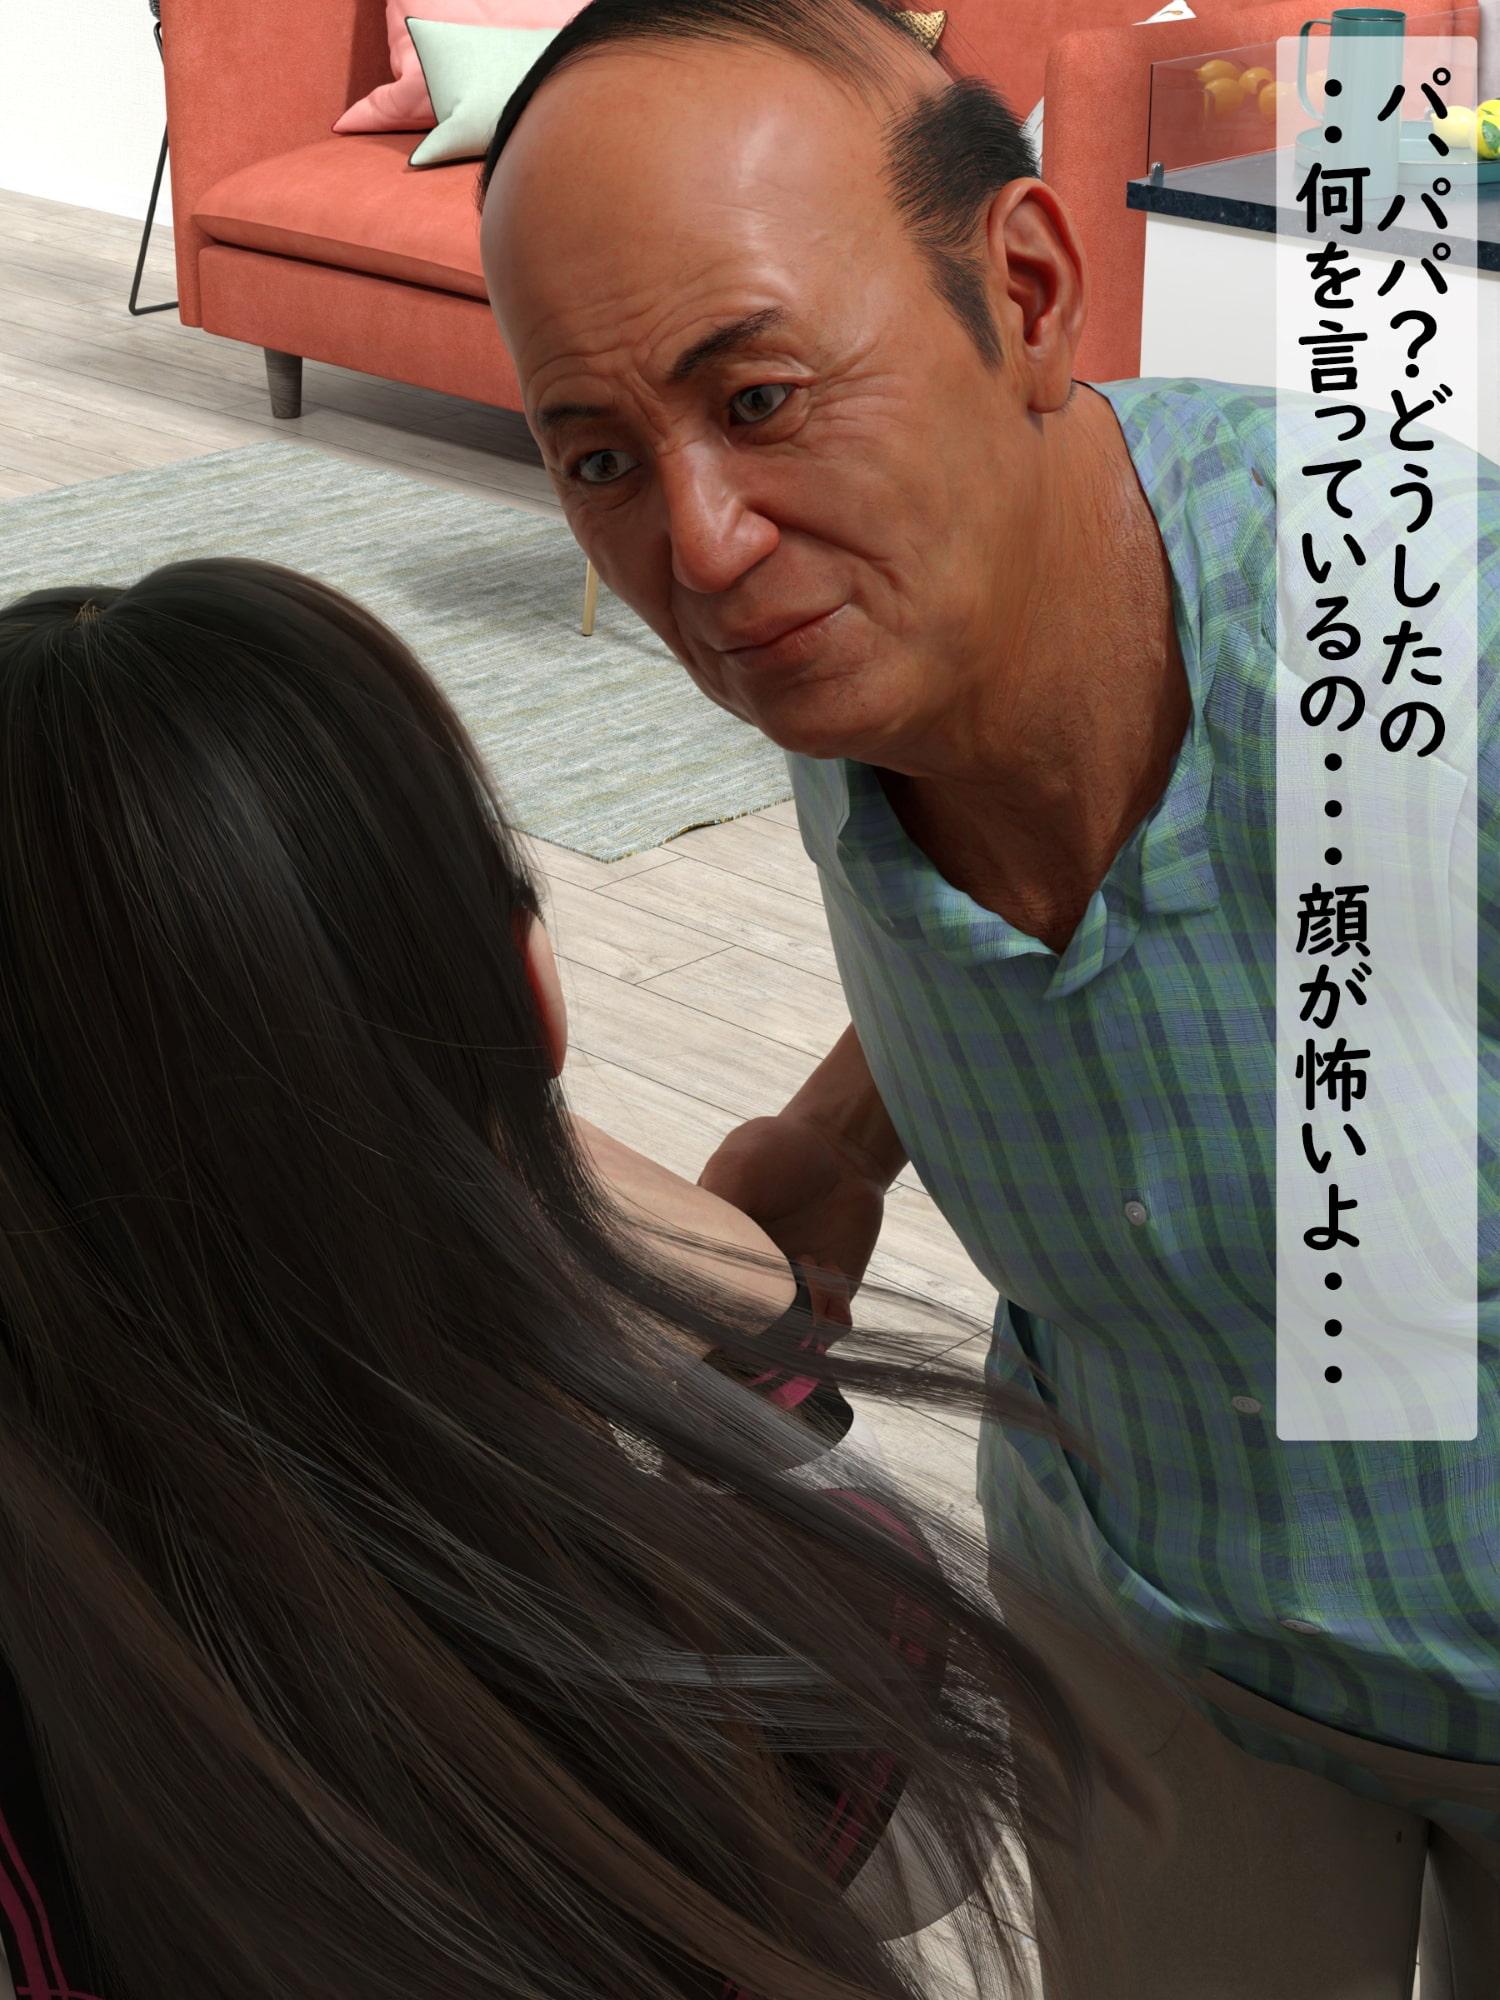 RJ329787 前編 姉ユミ 美人姉妹とゲス義父 [20210603]